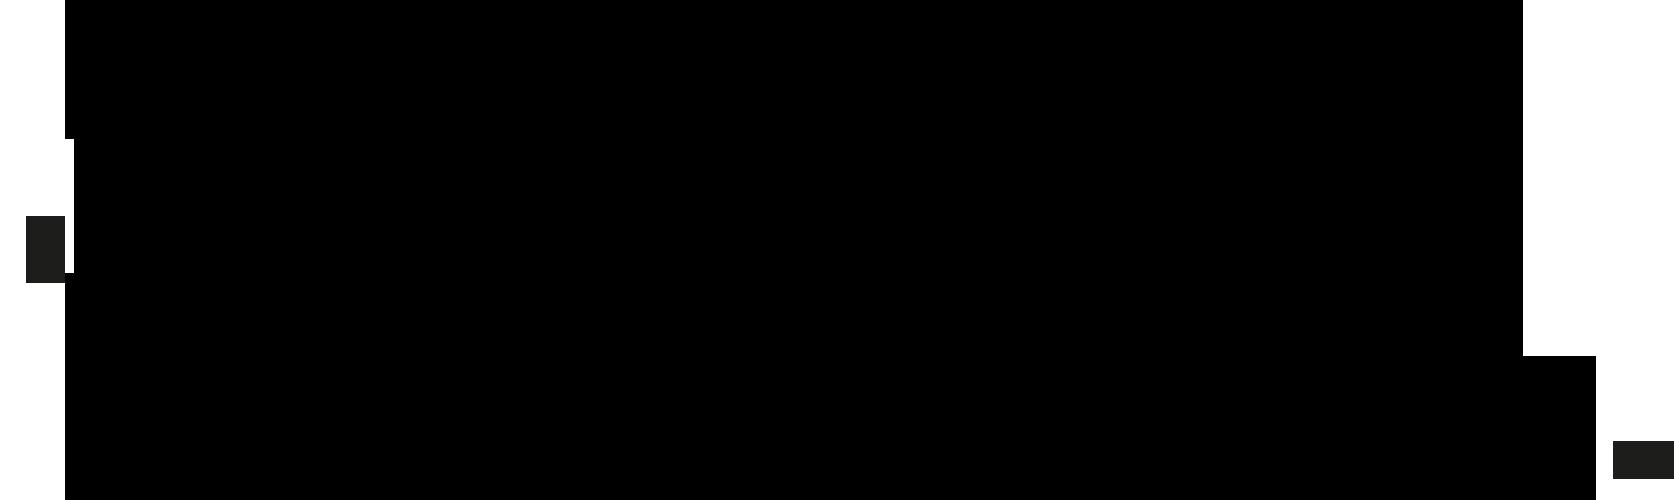 Shure WH20 Micrófonos dinámicos de diadema Imagen de la curva de la respuesta en frecuencia